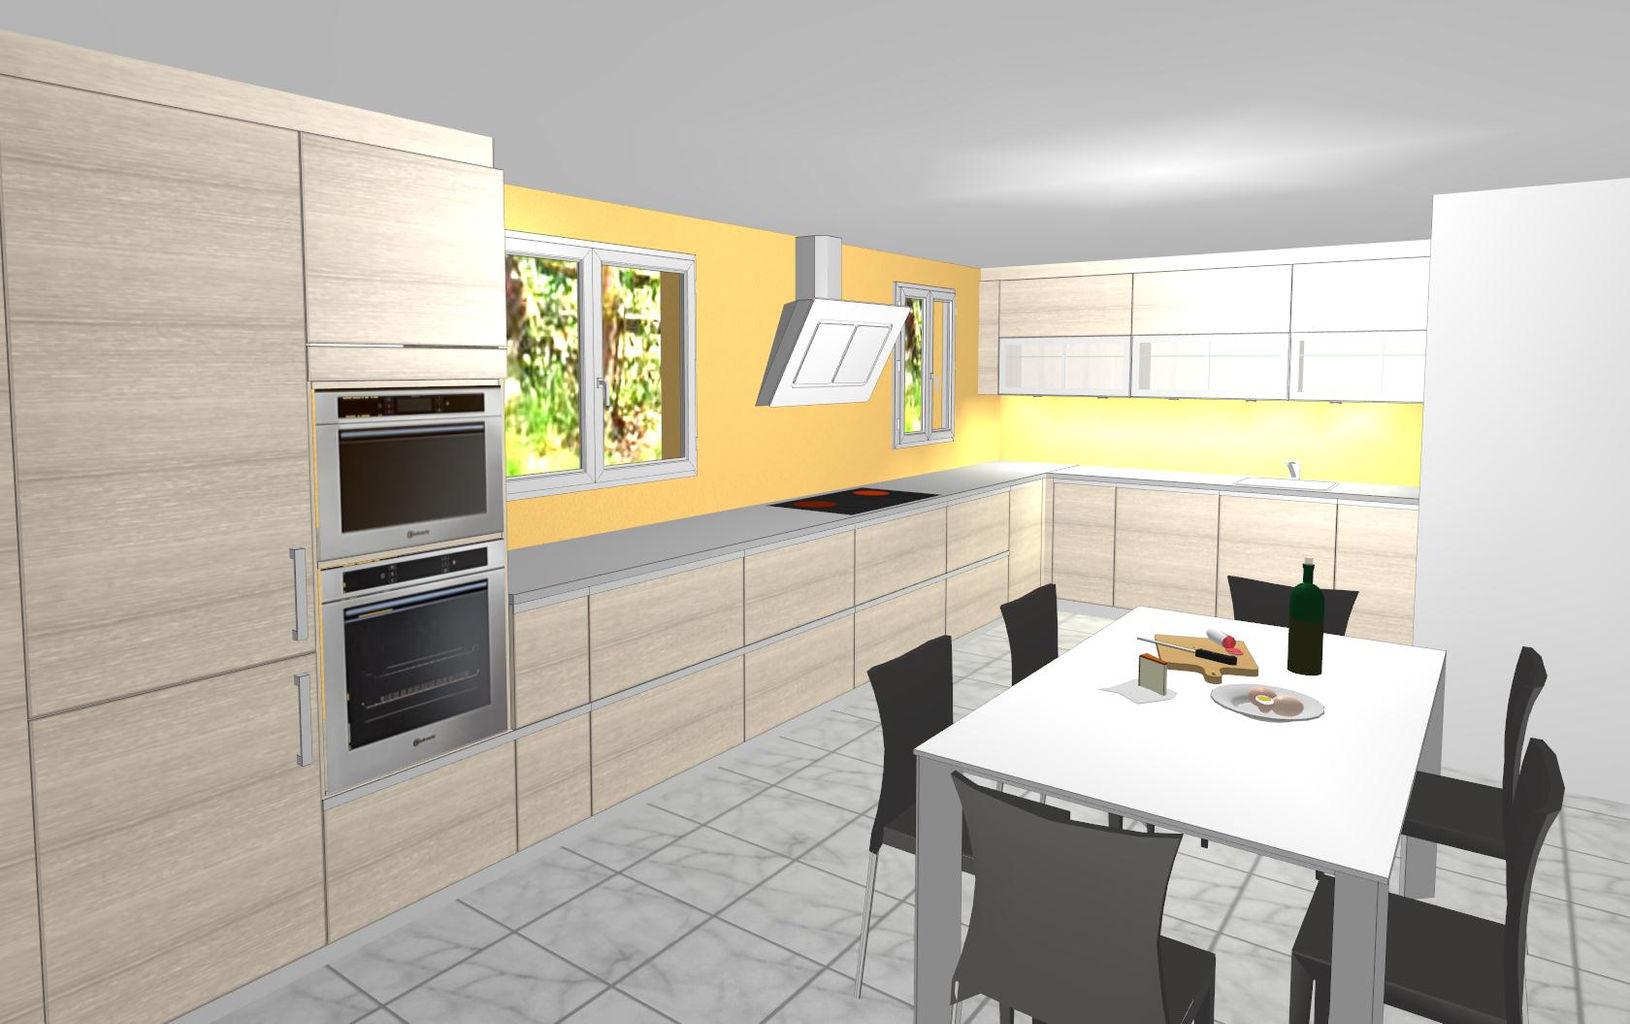 Progettare cucina 3d gratis beautiful ikea d cucina - Disegnare cucina ikea ...